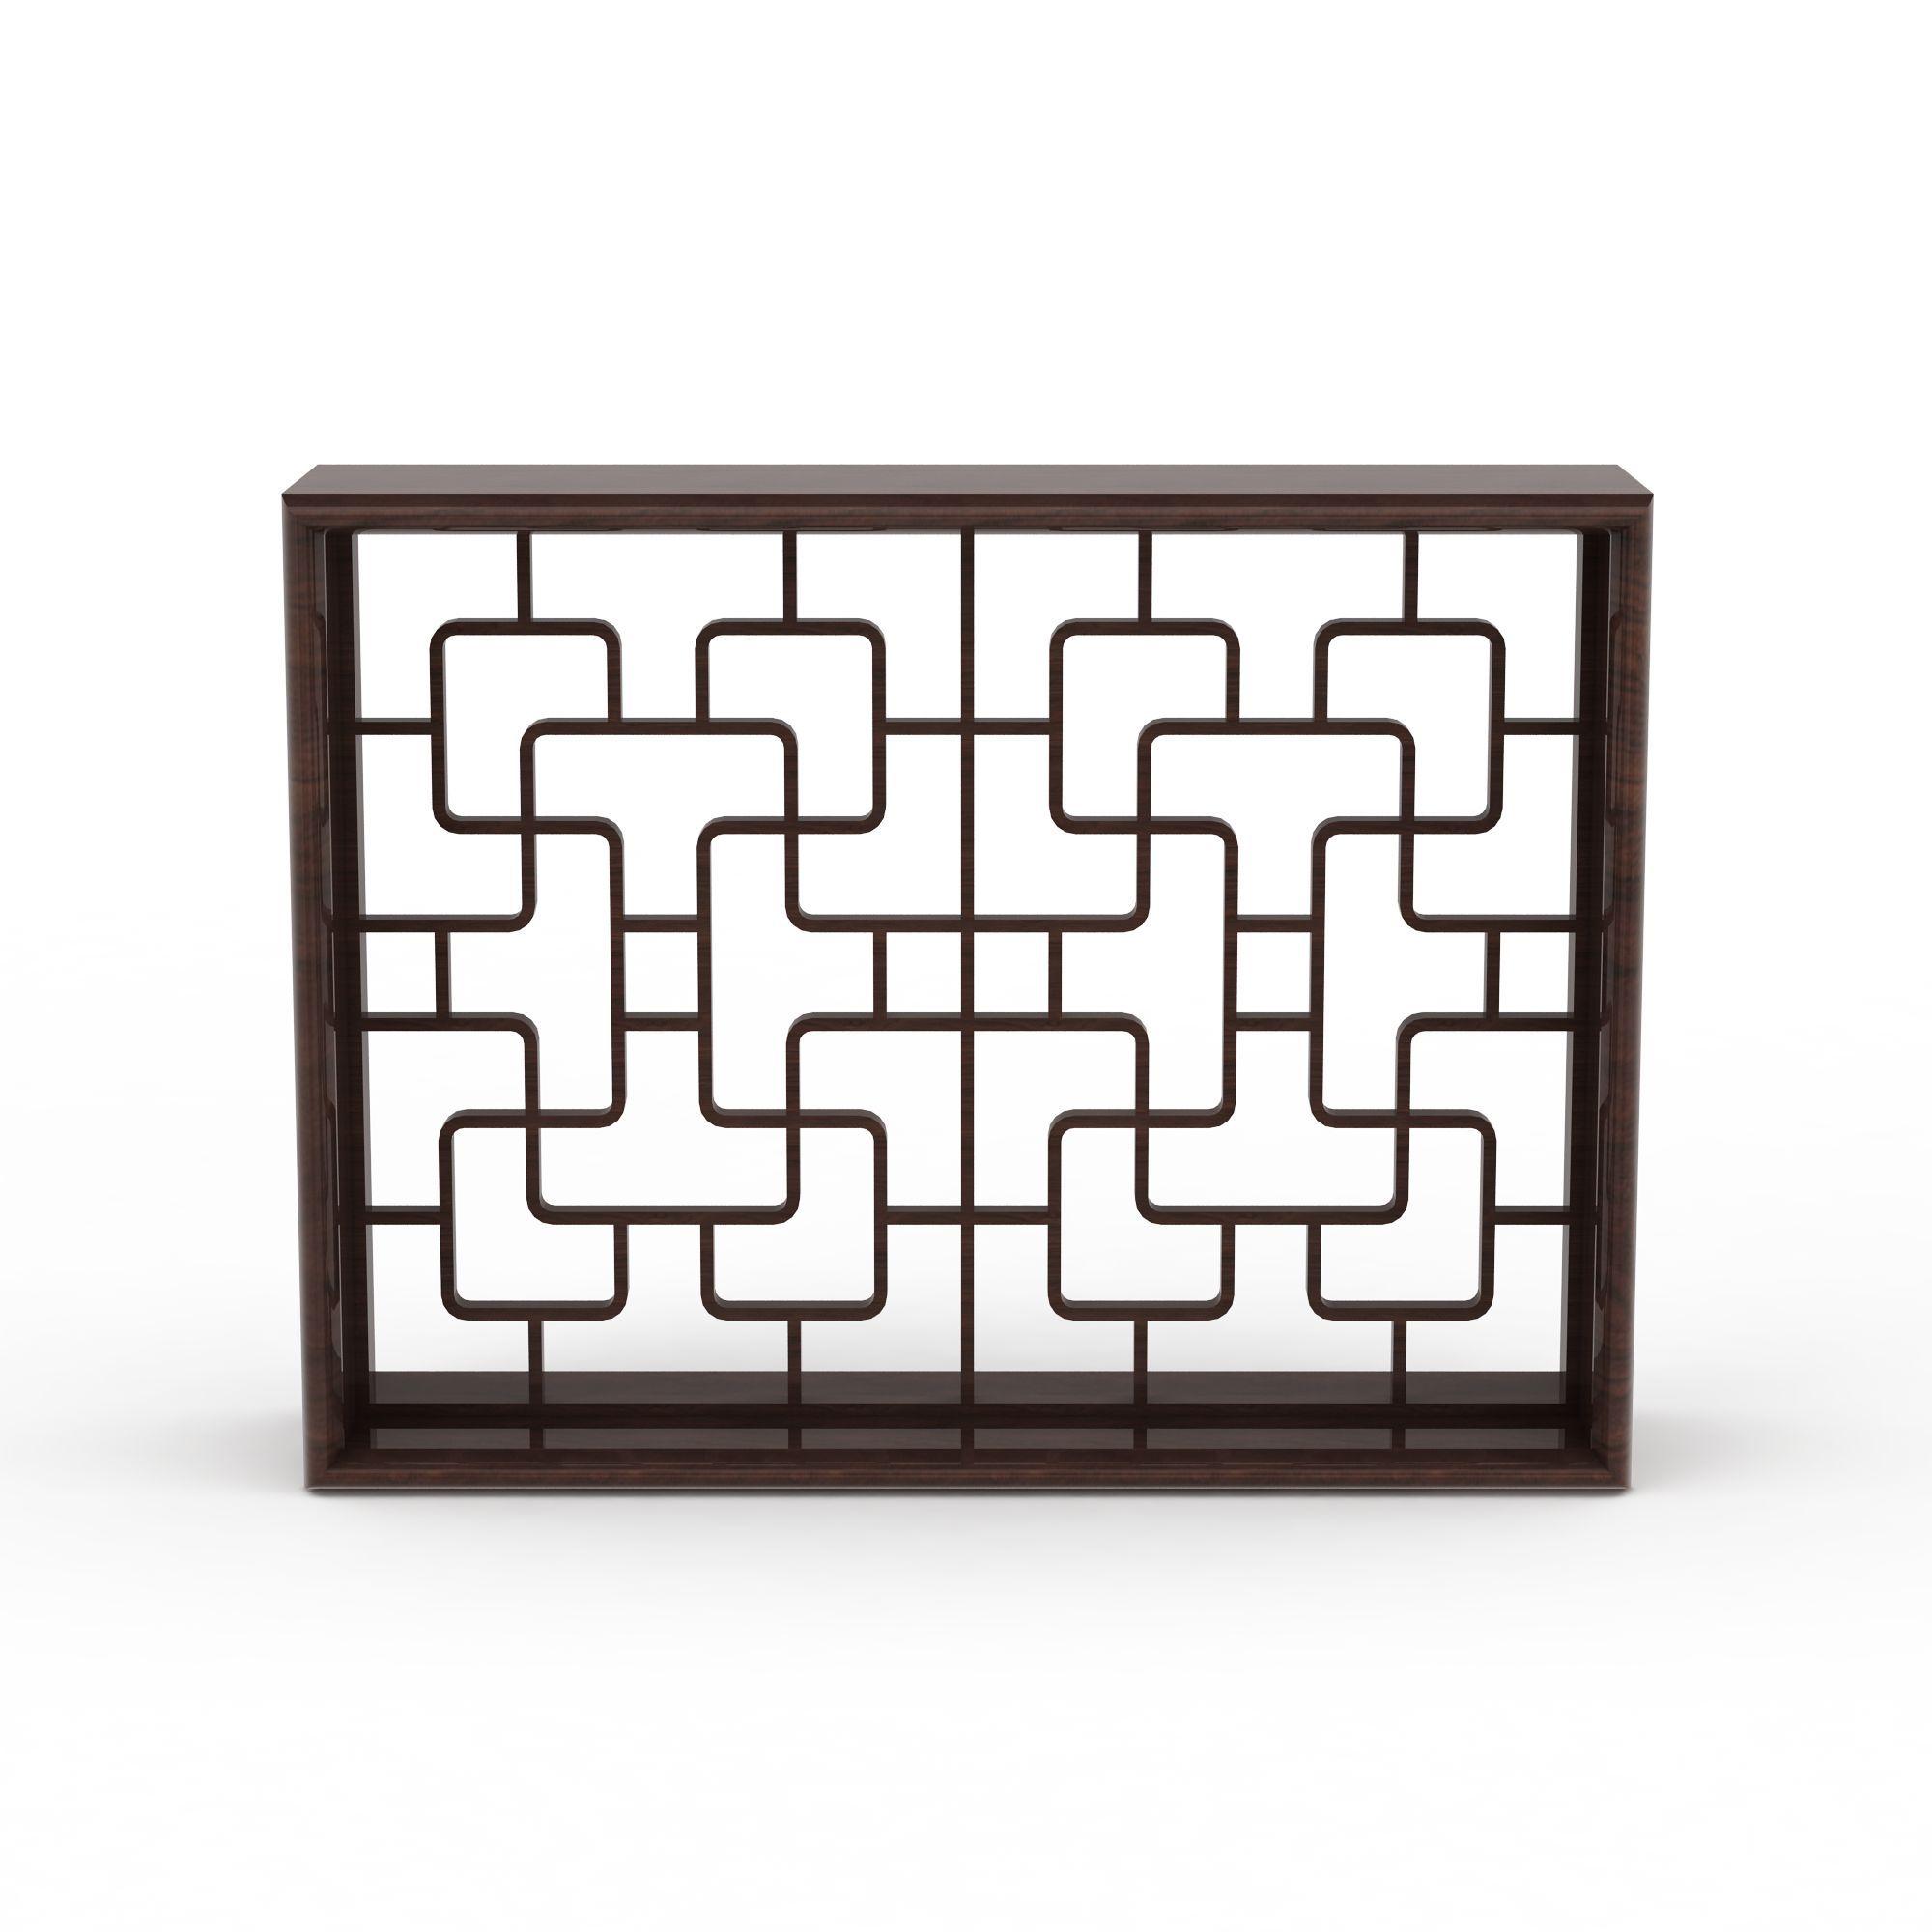 中式洞窗高清图下载图片